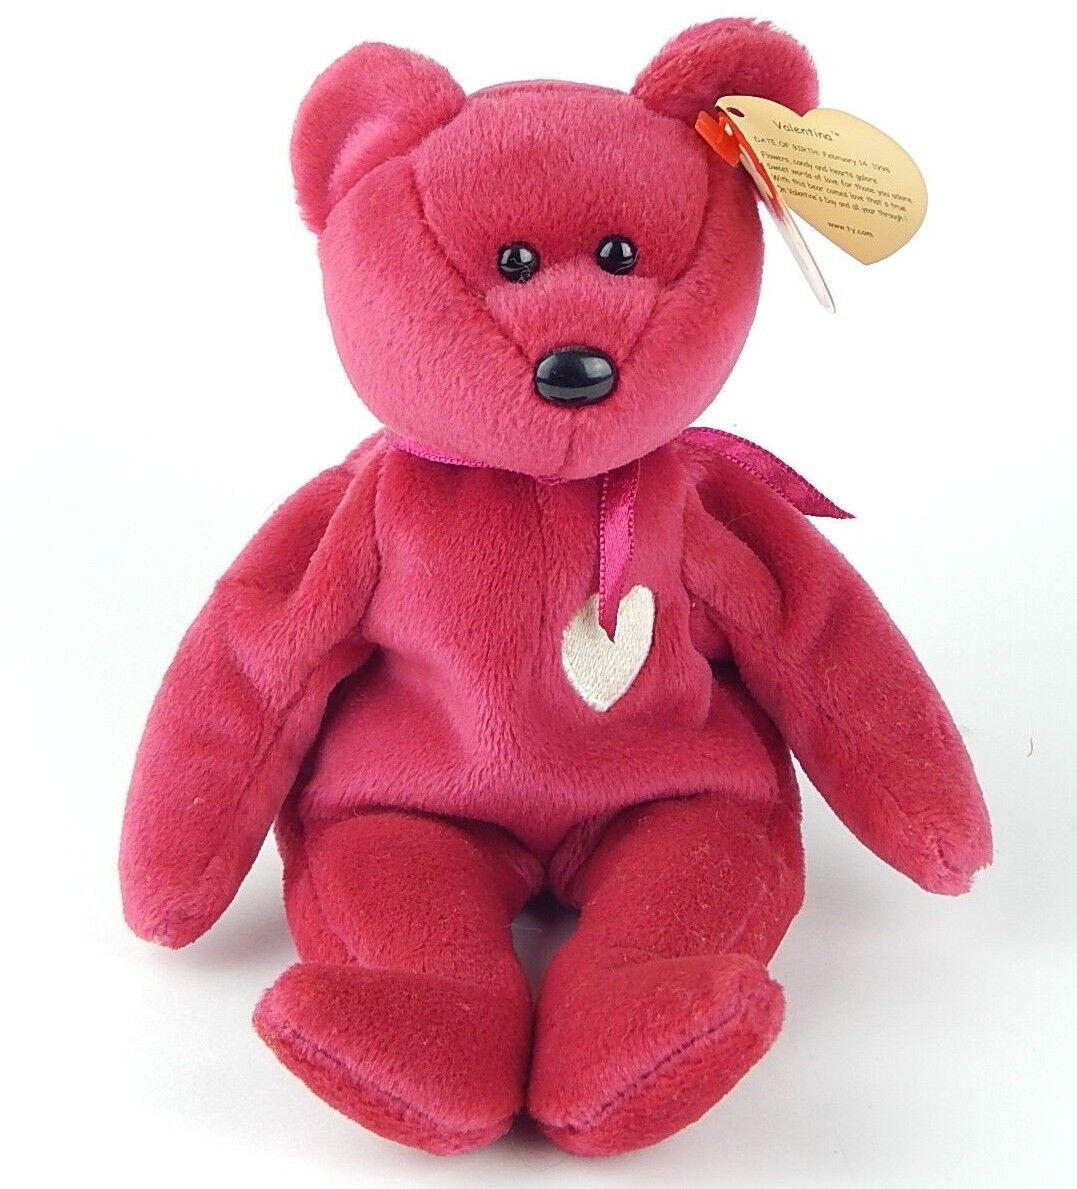 Ty beanie baby 1999 valentina mit fehlern ausruf raum fehler